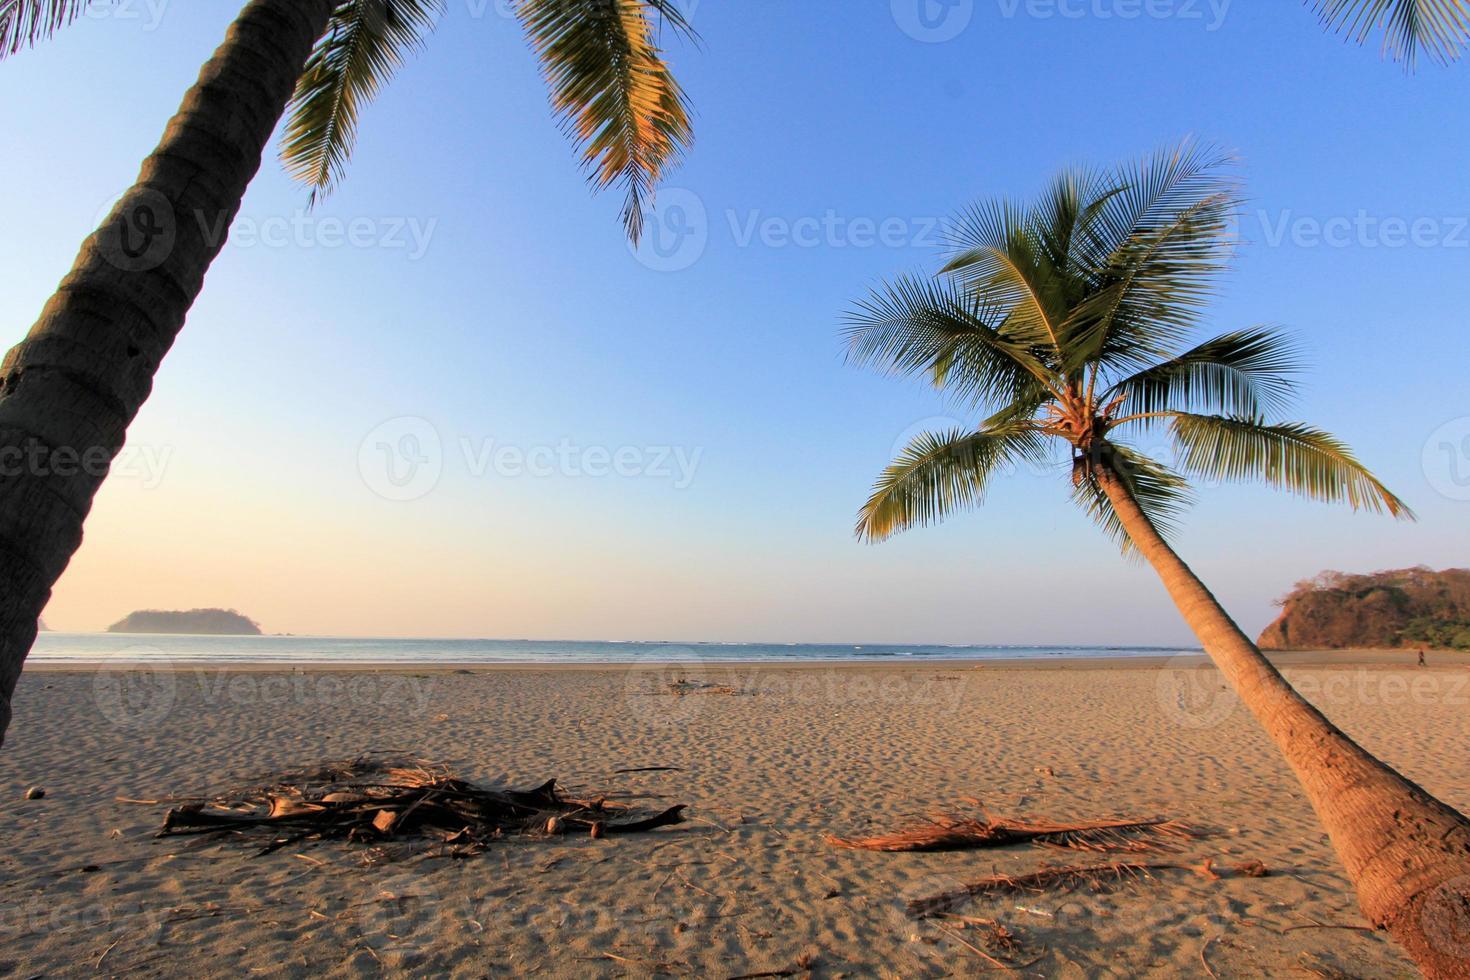 bel tramonto con alberi di plam sulla spiaggia di samara, costa rica foto